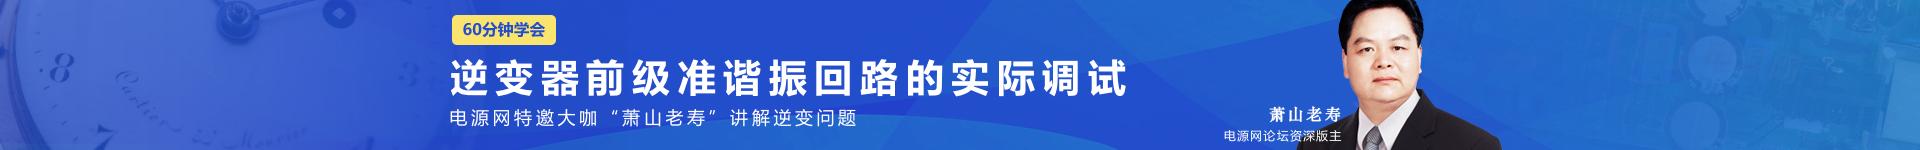 """技术直播专场-资深大咖""""萧山老寿""""话说逆变器"""